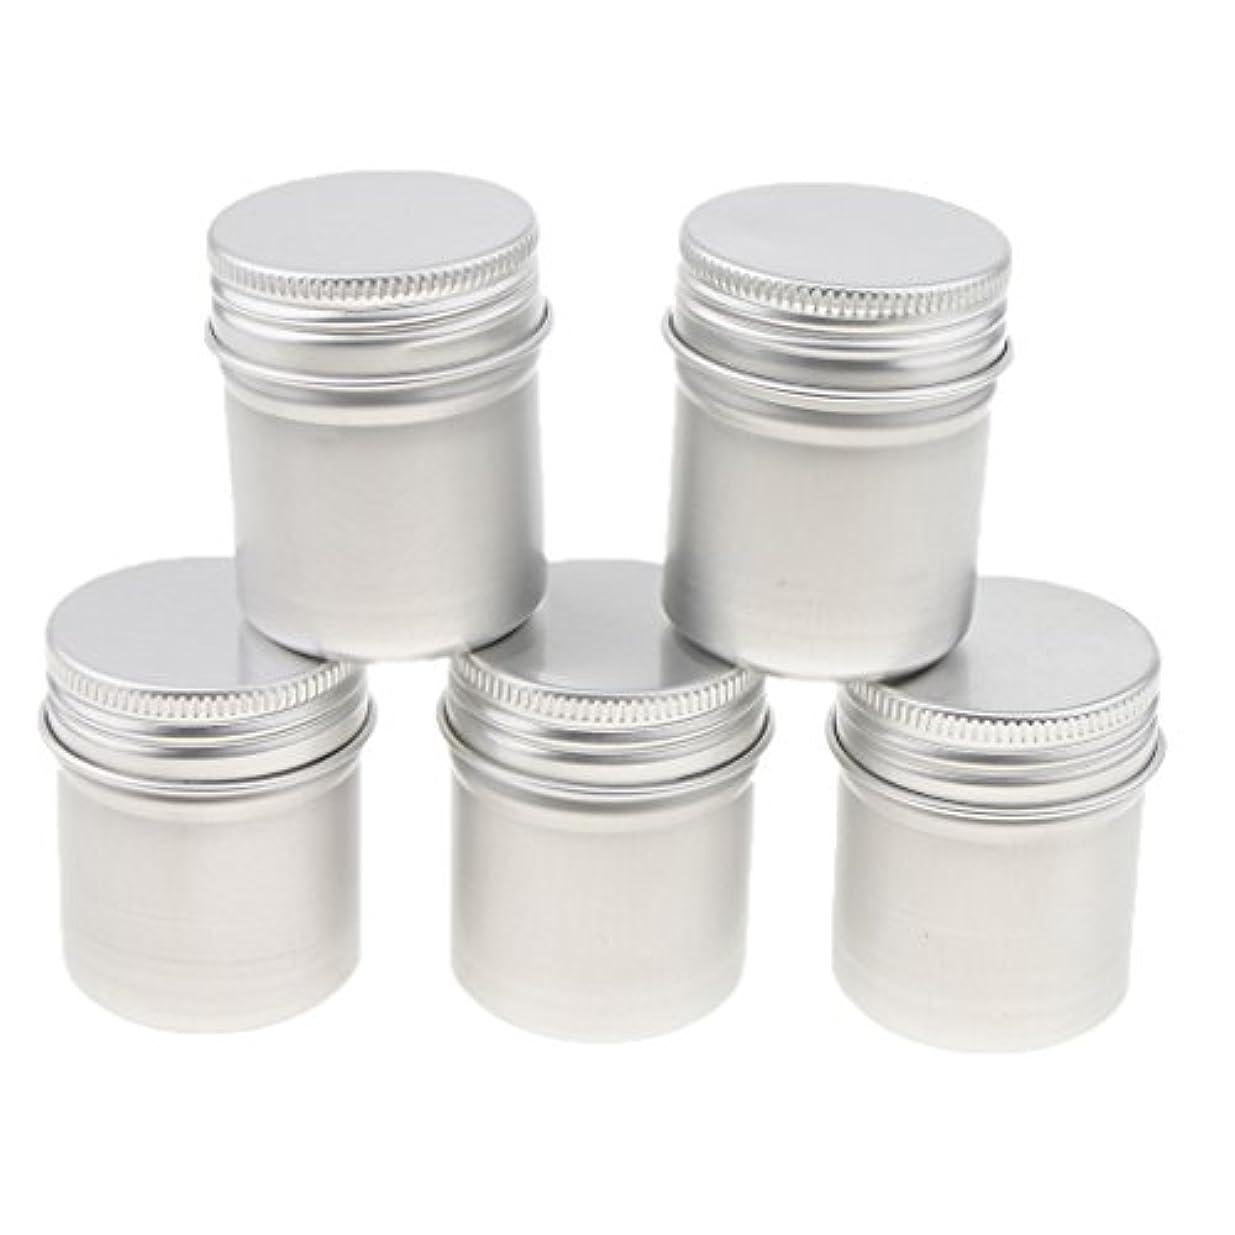 溶ける許容契約した5個 アルミ缶 アルミニウム 缶 ポット スクリュー蓋 クリーム お茶 パウダー ワックスジャー 容器